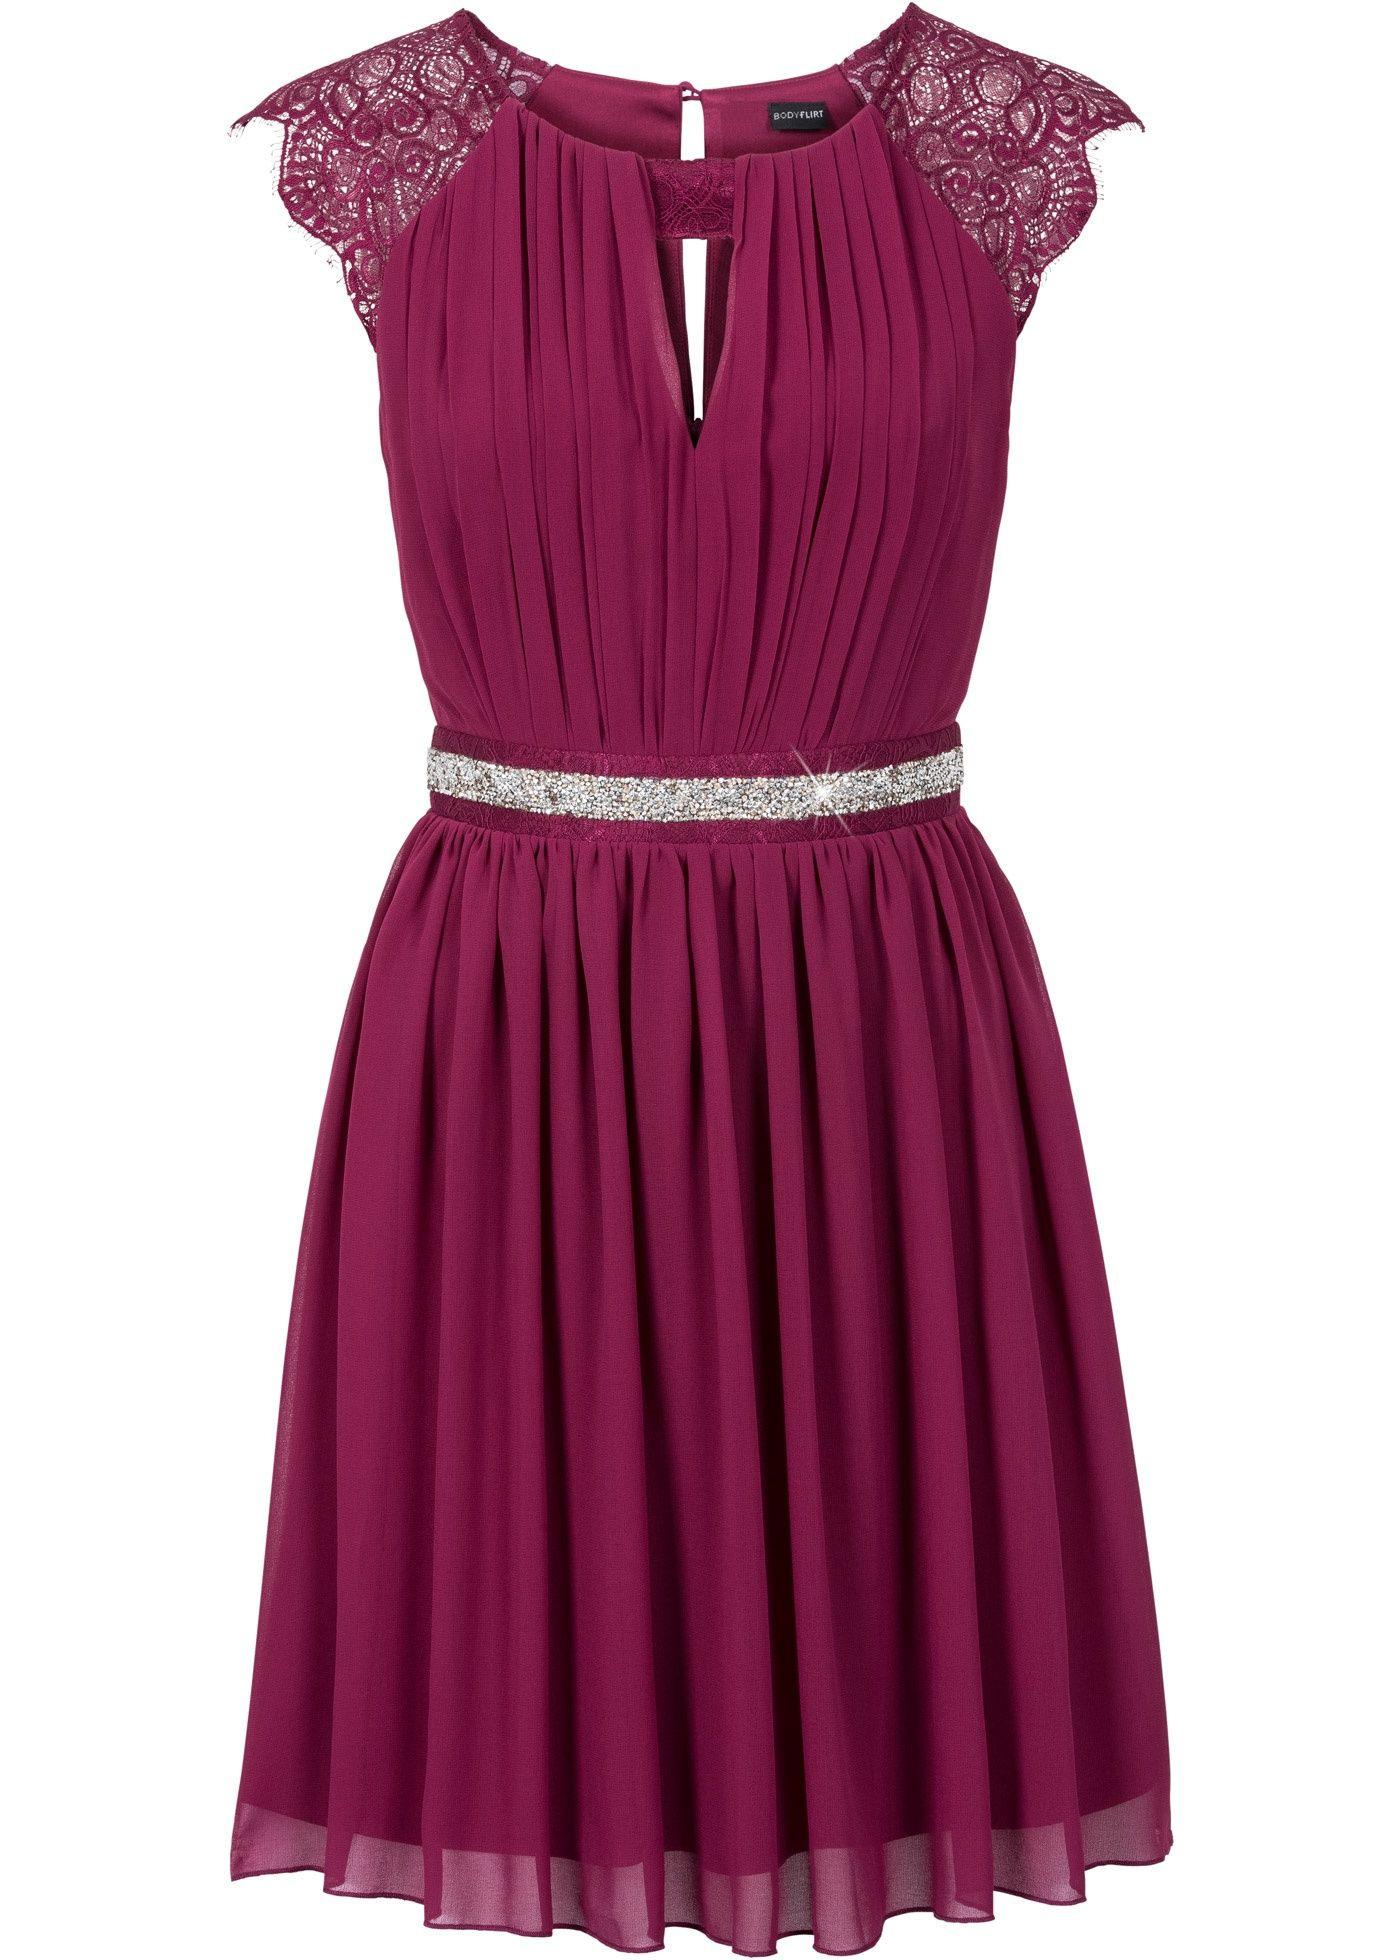 Kleid Mit Spitze Beere - Bodyflirt Jetzt Im Online Shop Von